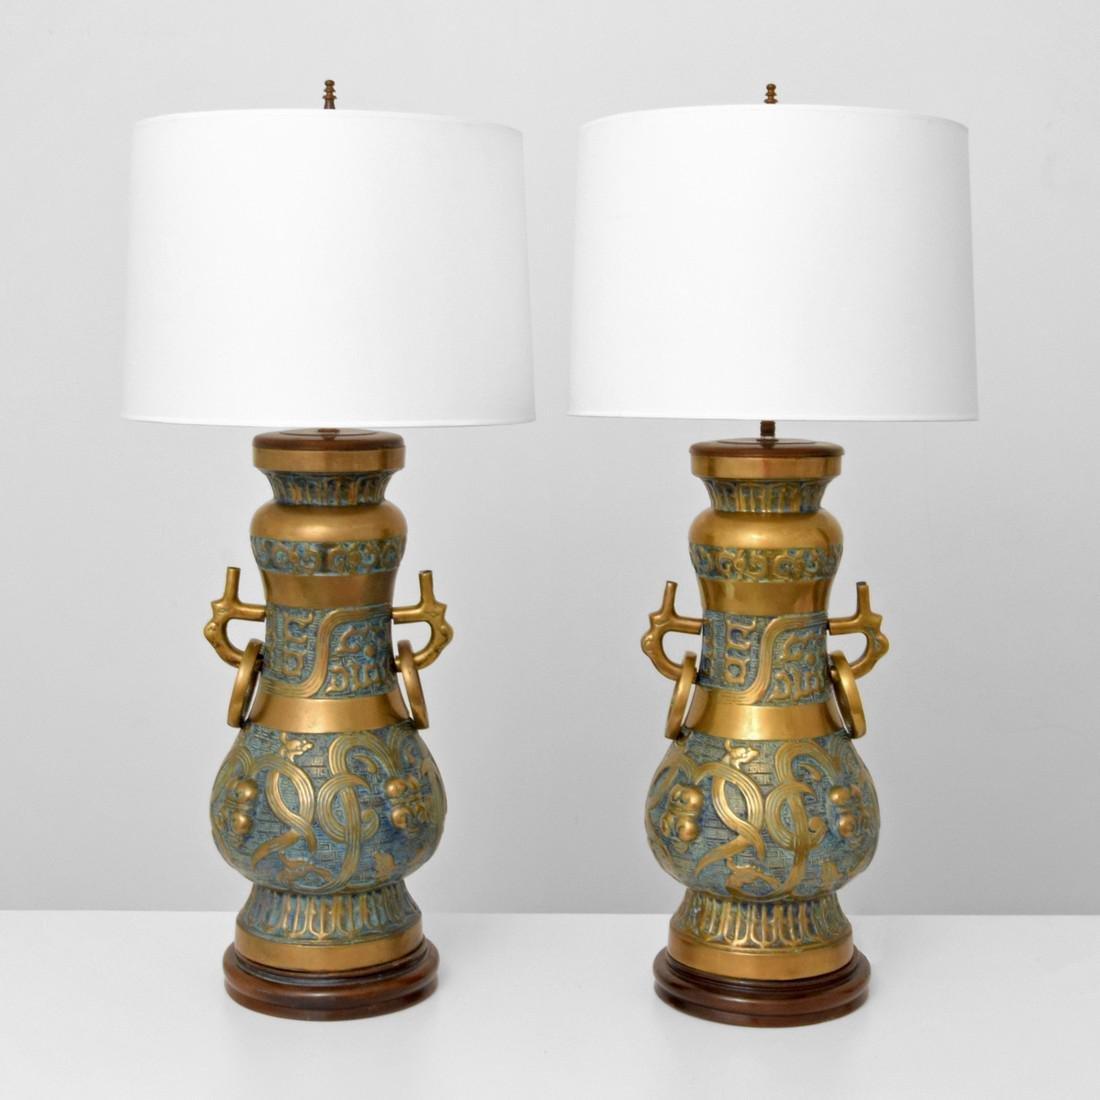 Pair of Monumental Pepe Mendoza Lamps